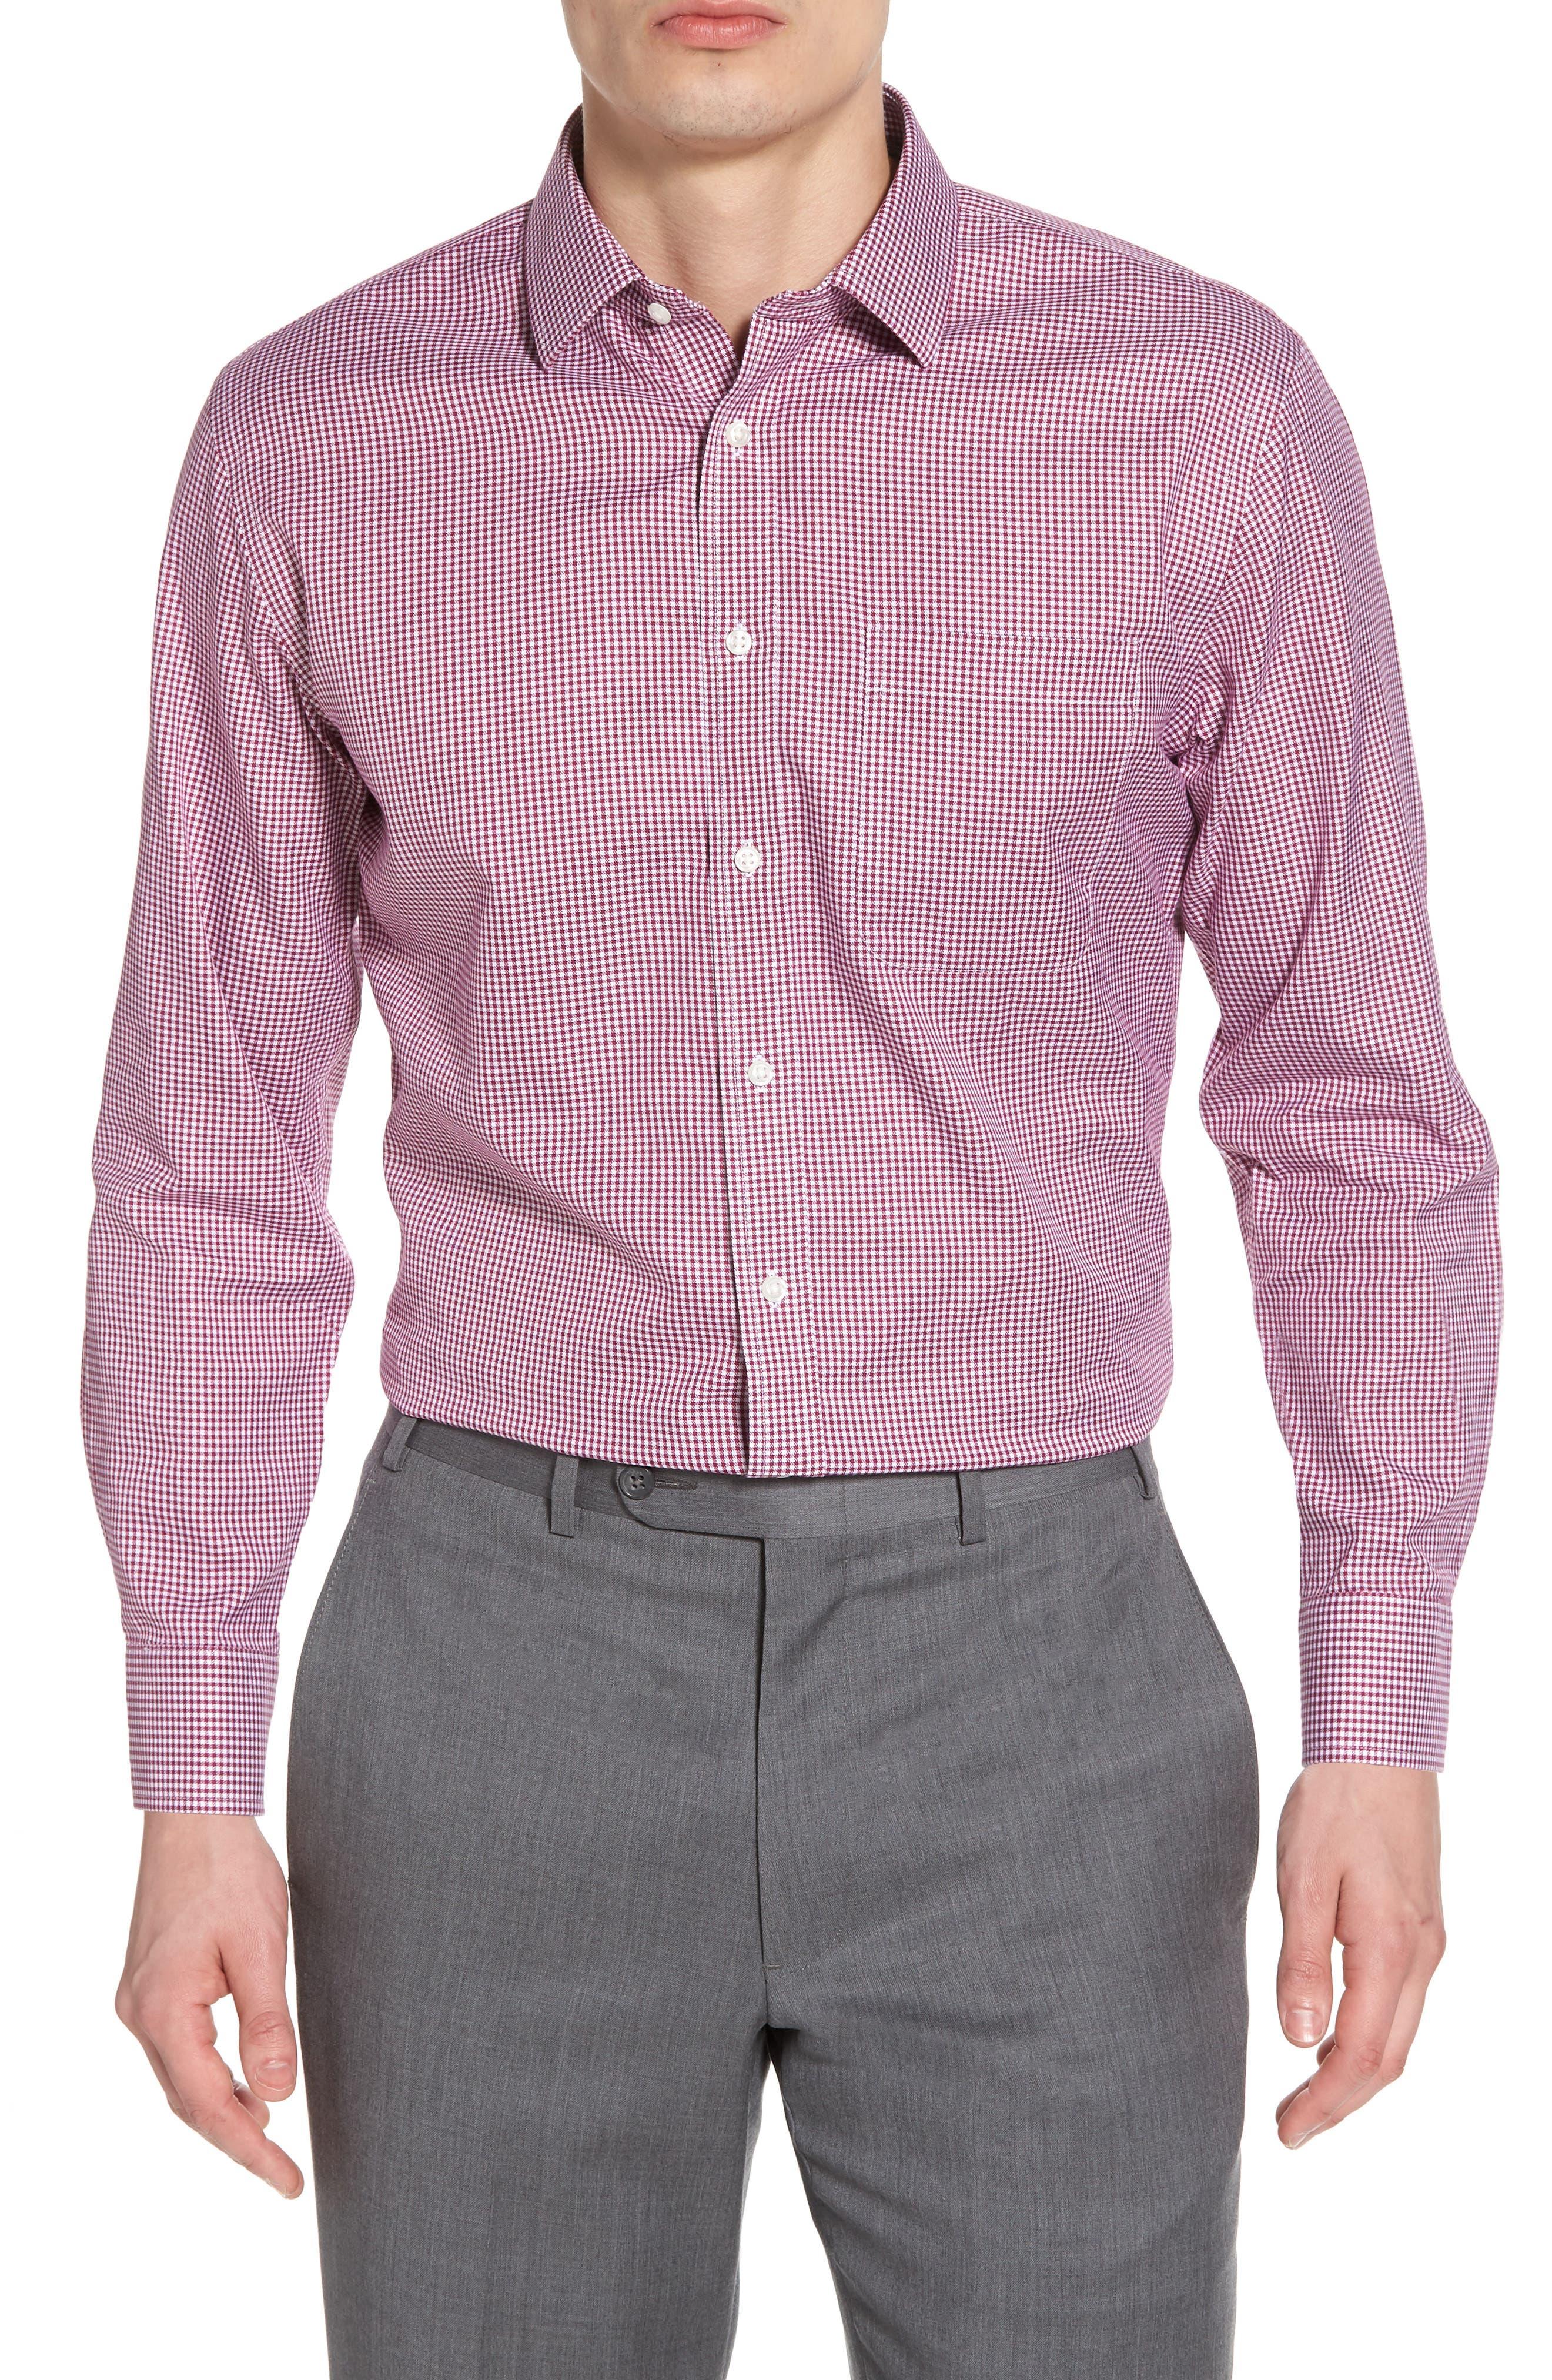 Smartcare<sup>™</sup> Trim Fit Mini Check Dress Shirt,                             Main thumbnail 1, color,                             510